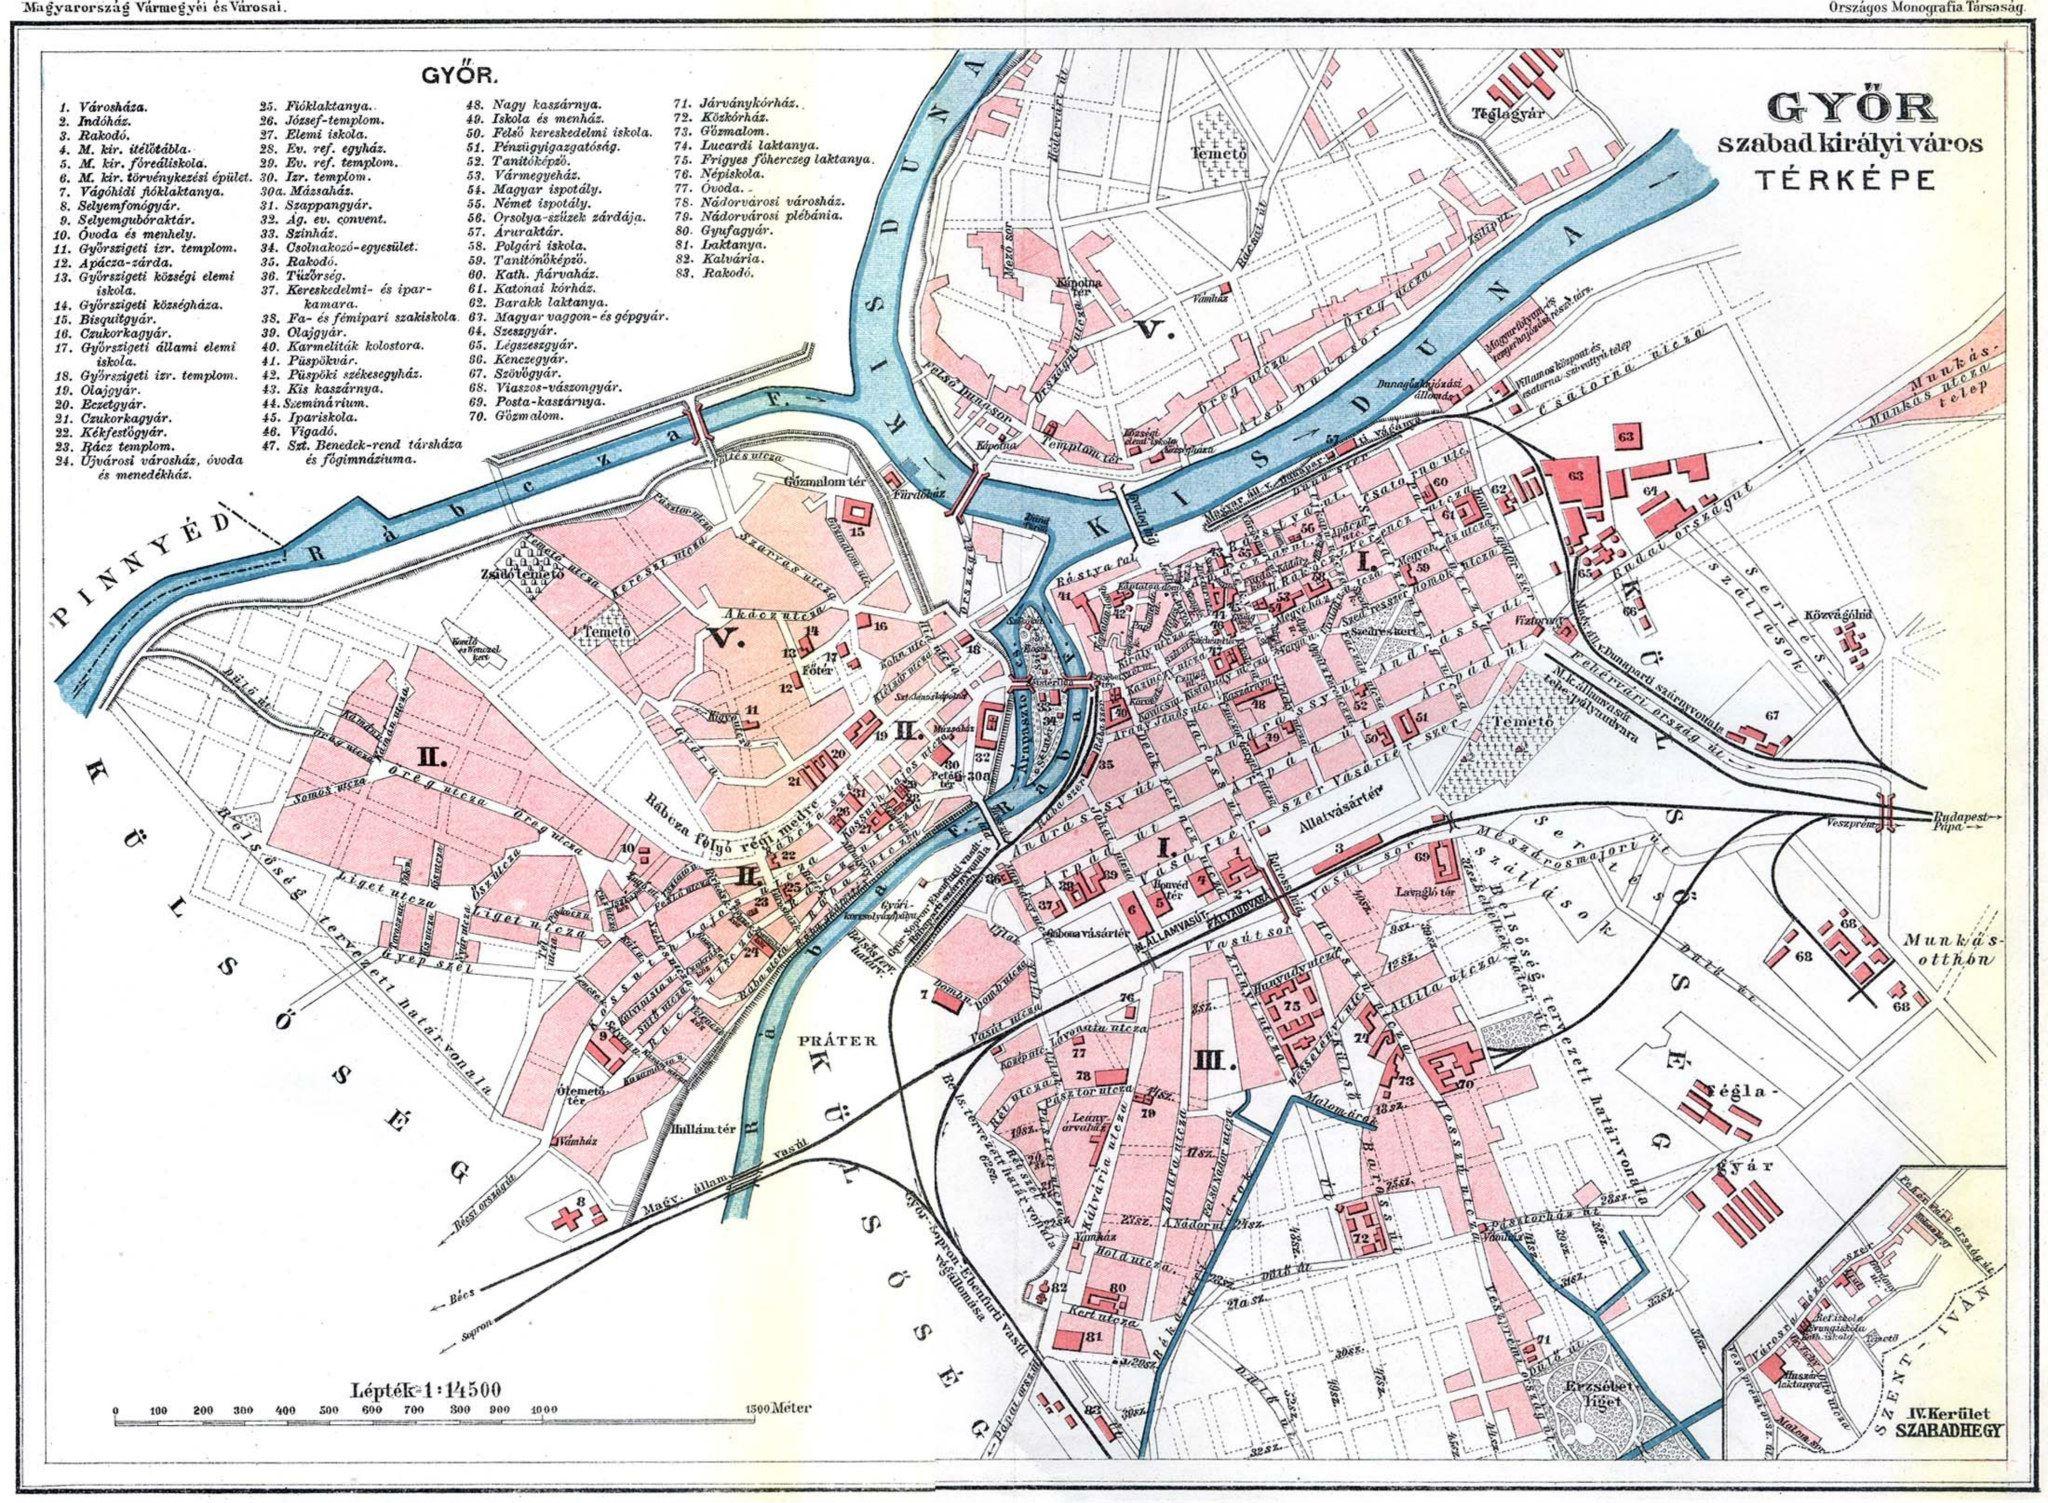 győr vasútállomás térkép Erődből gyárváros   Győr városföldrajza az 1970 es évekig   Pangea győr vasútállomás térkép